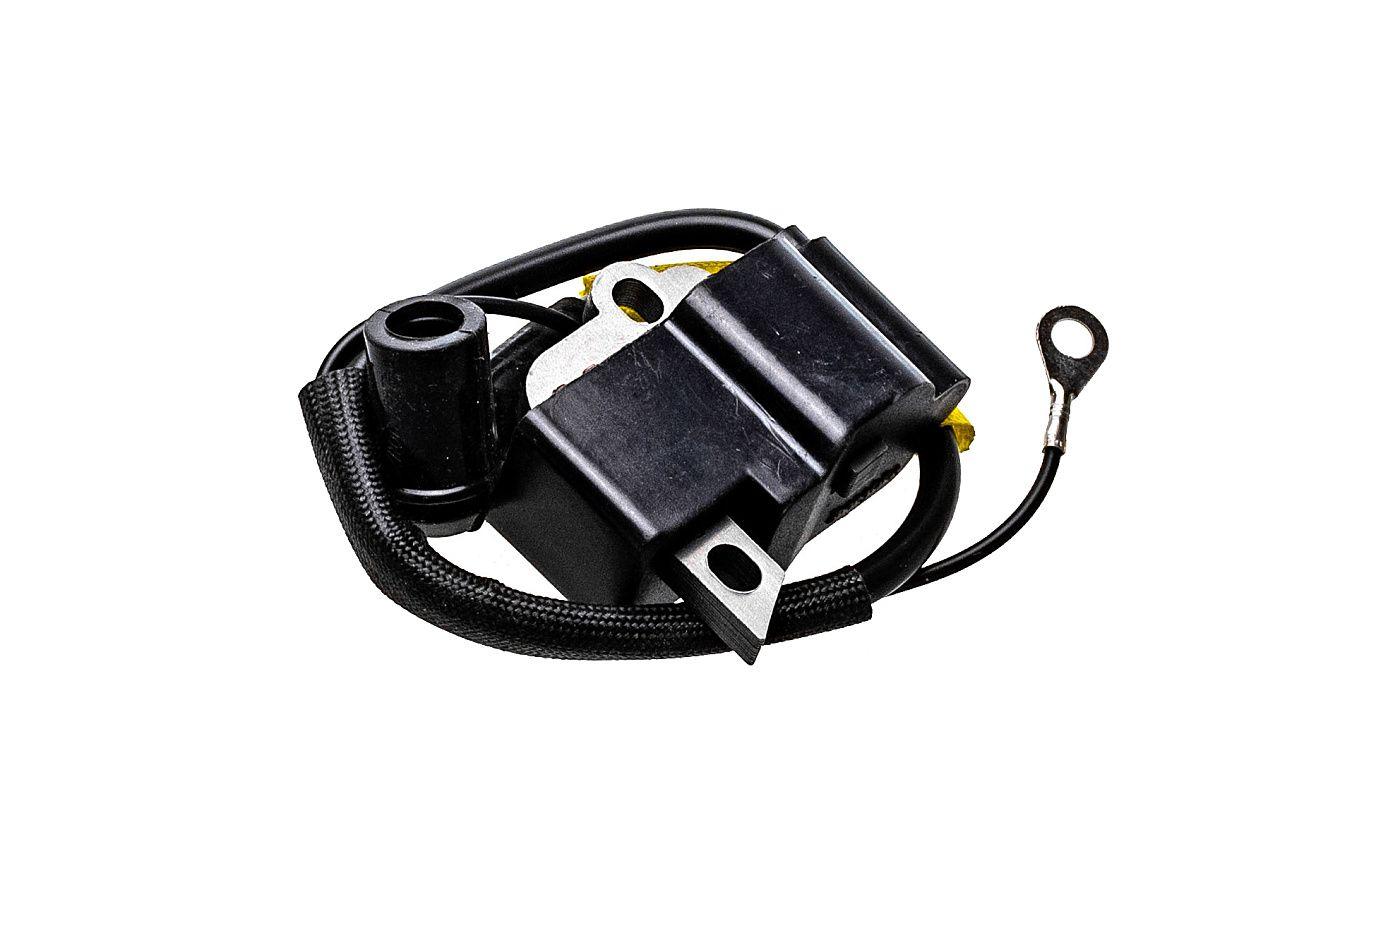 Zapalování Dolmar PS-4605 PS-5105 Makita DCS4630 DCS5030 DCS5032 (181143213)